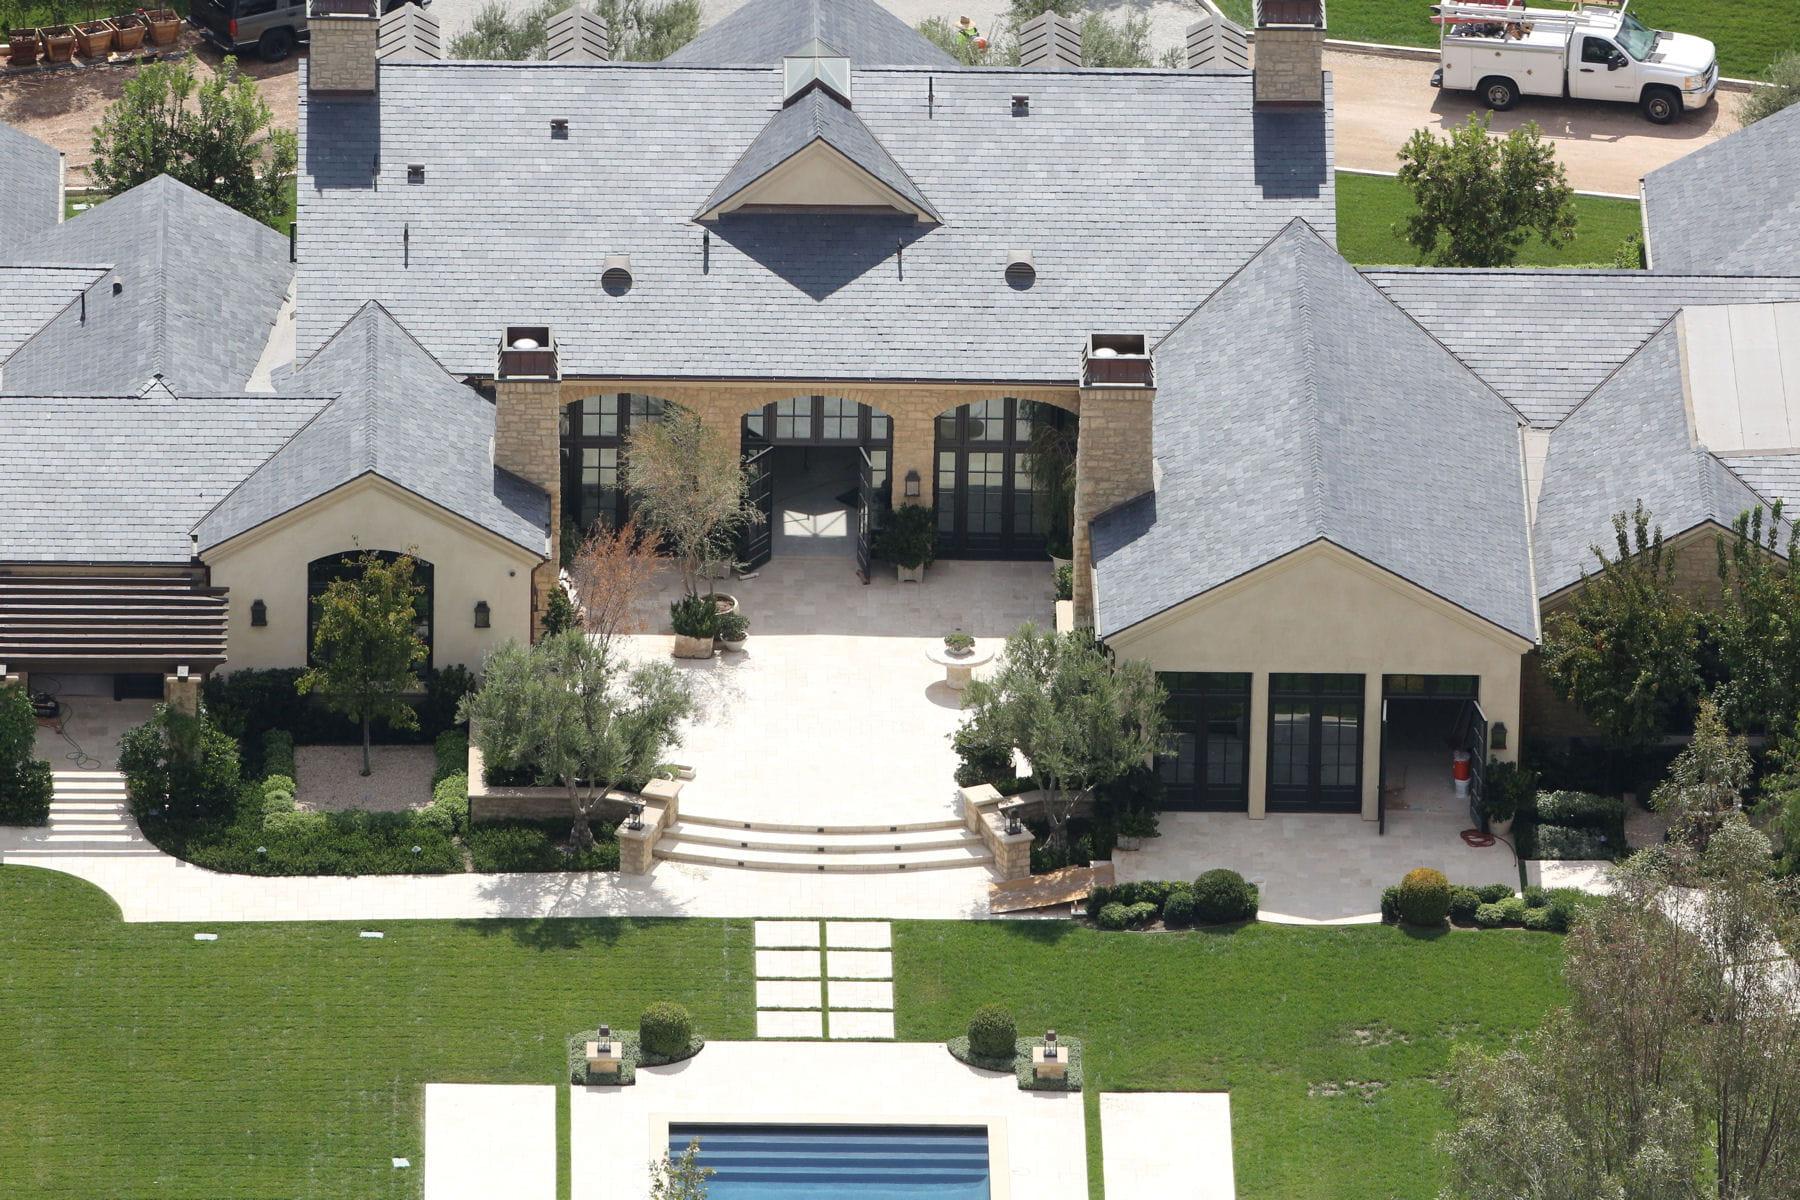 La maison classique de kim kardashian et kanye west les for Image maison classique